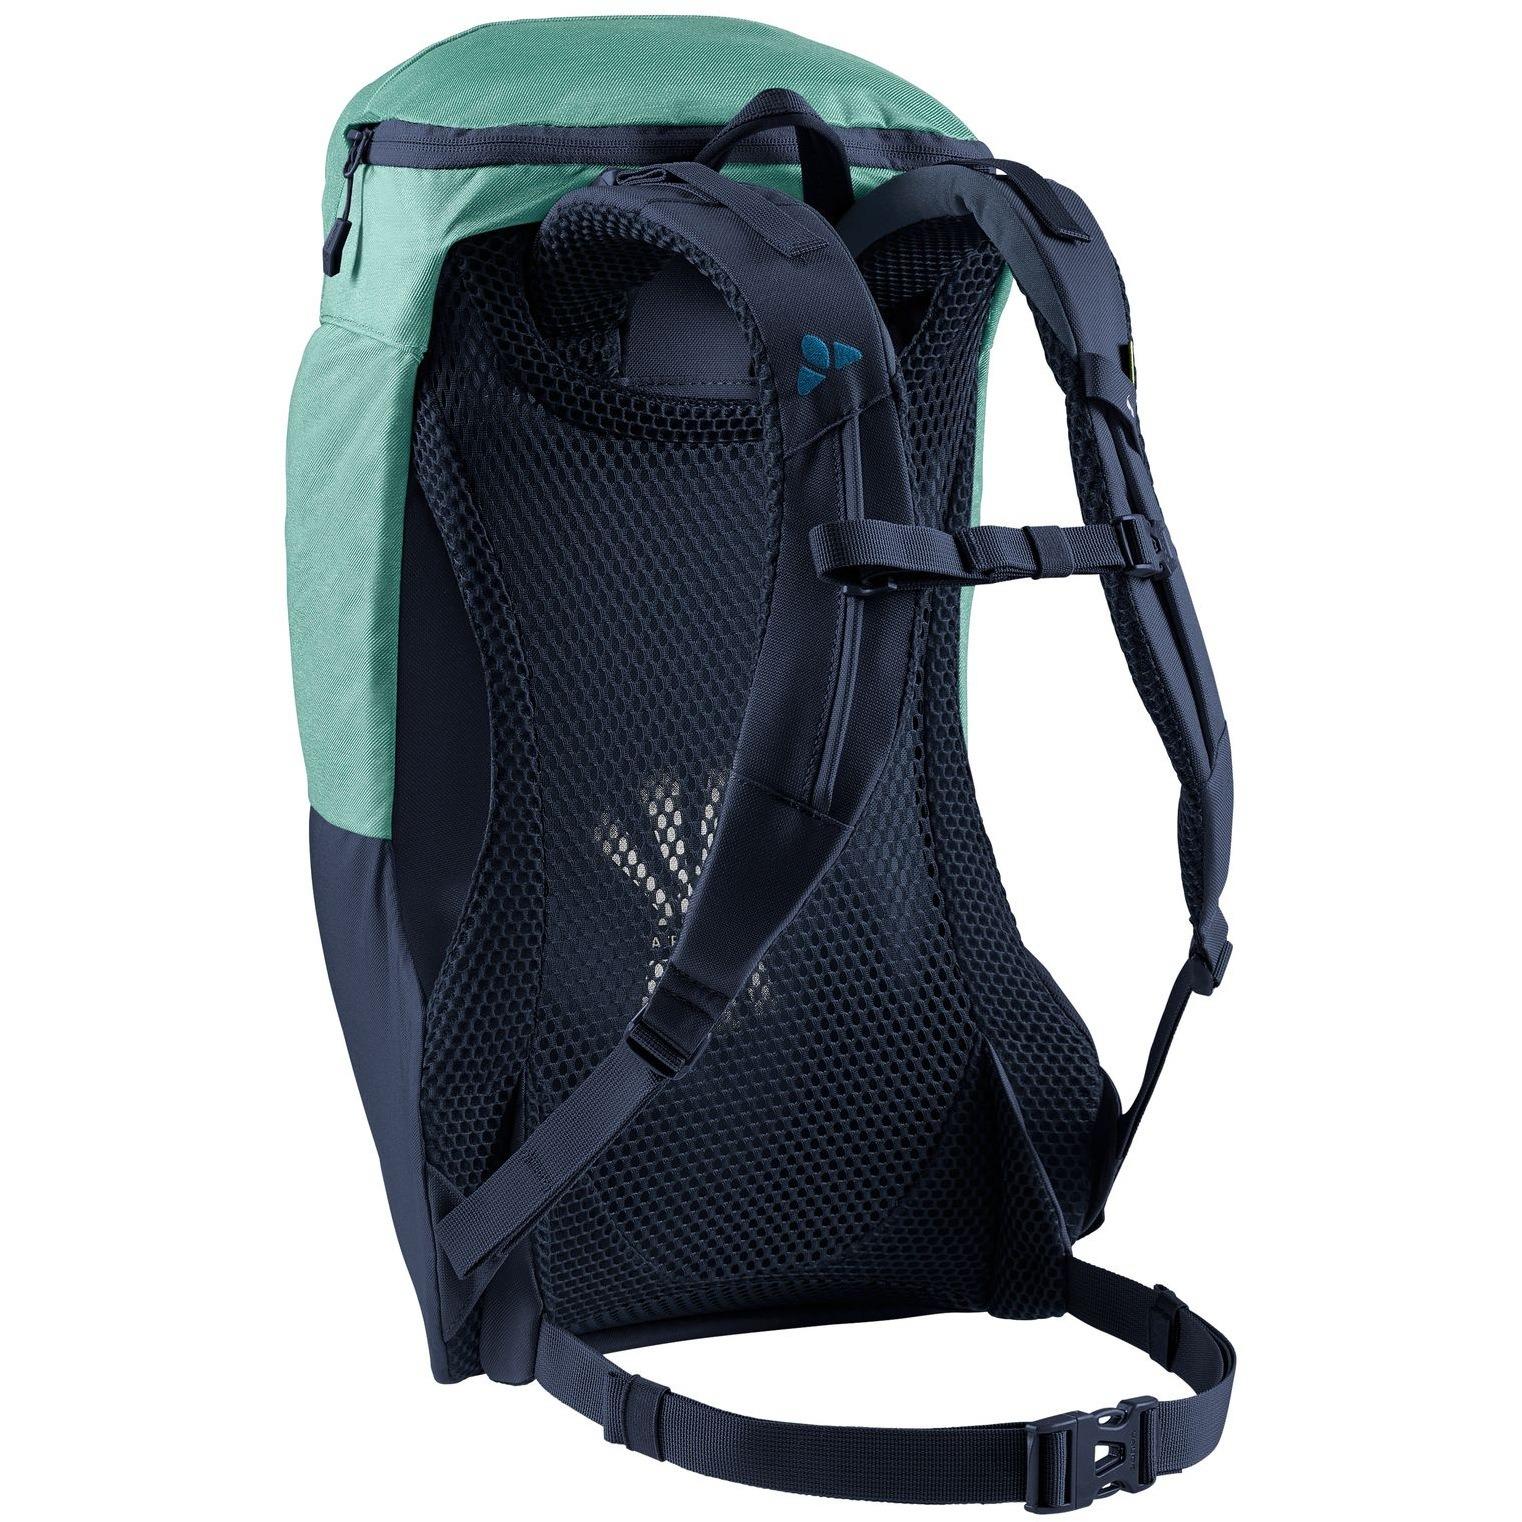 Image of Vaude Women's Skomer 16 Backpack - nickel green